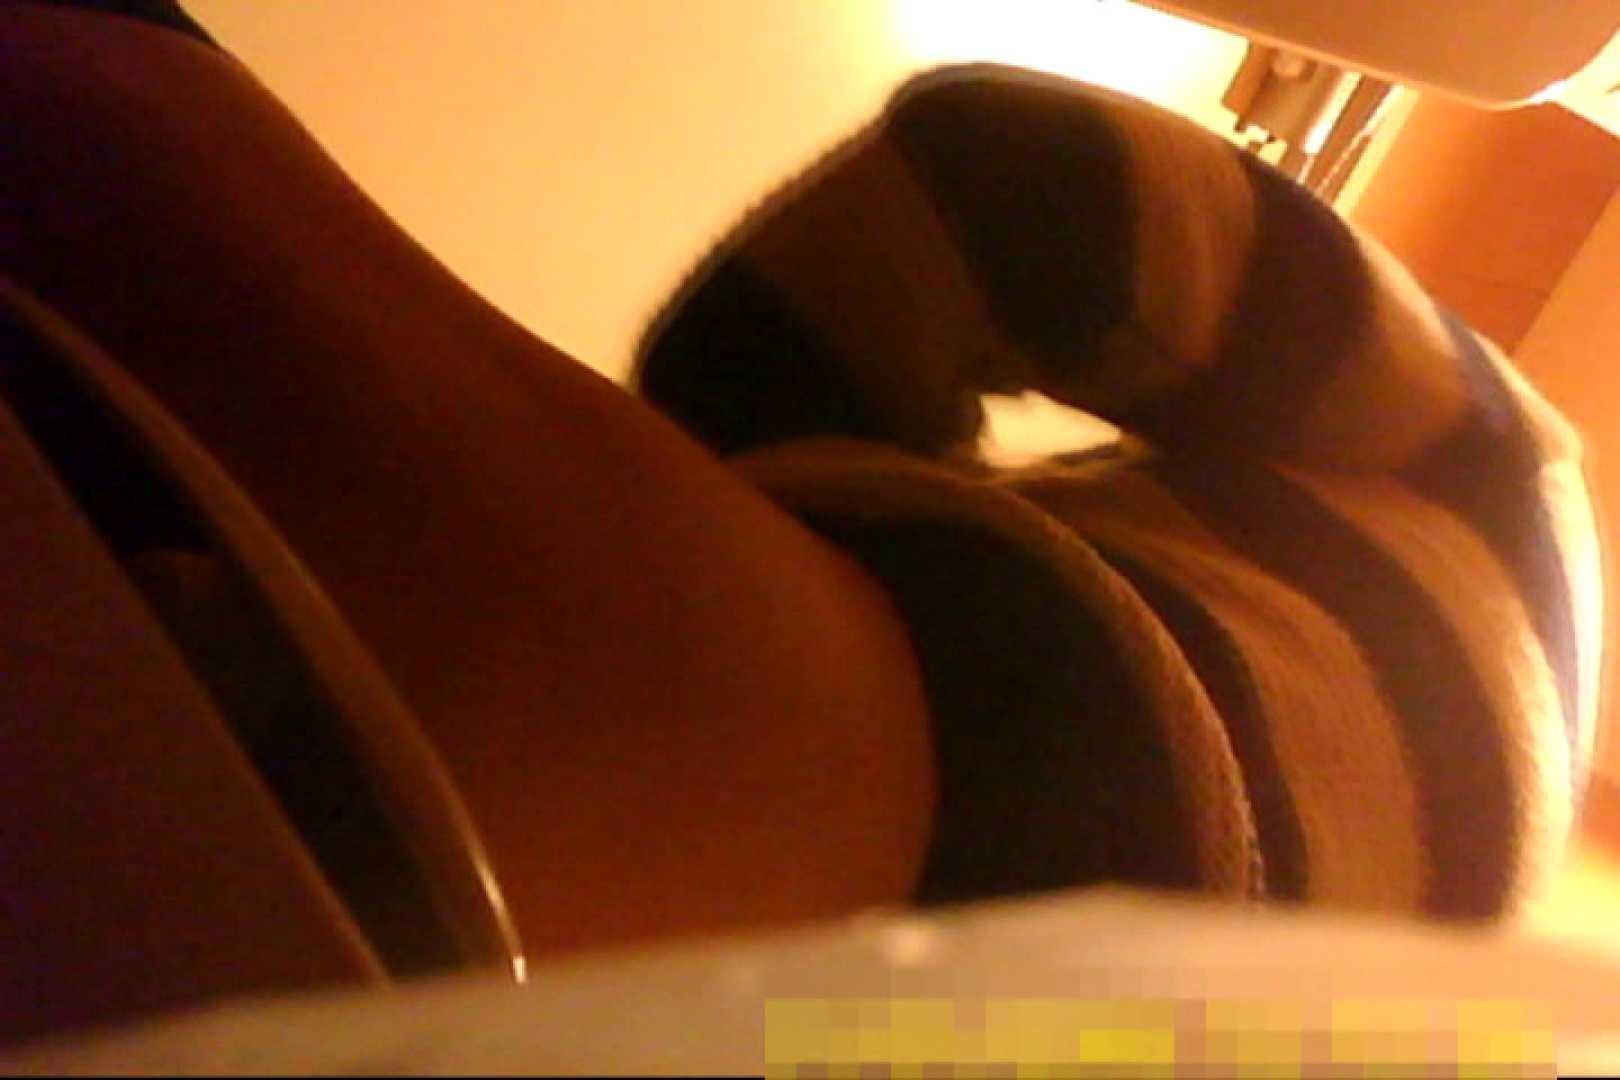 魅惑の化粧室~禁断のプライベート空間~vol.6 お姉さんのボディ AV無料動画キャプチャ 103PIX 42